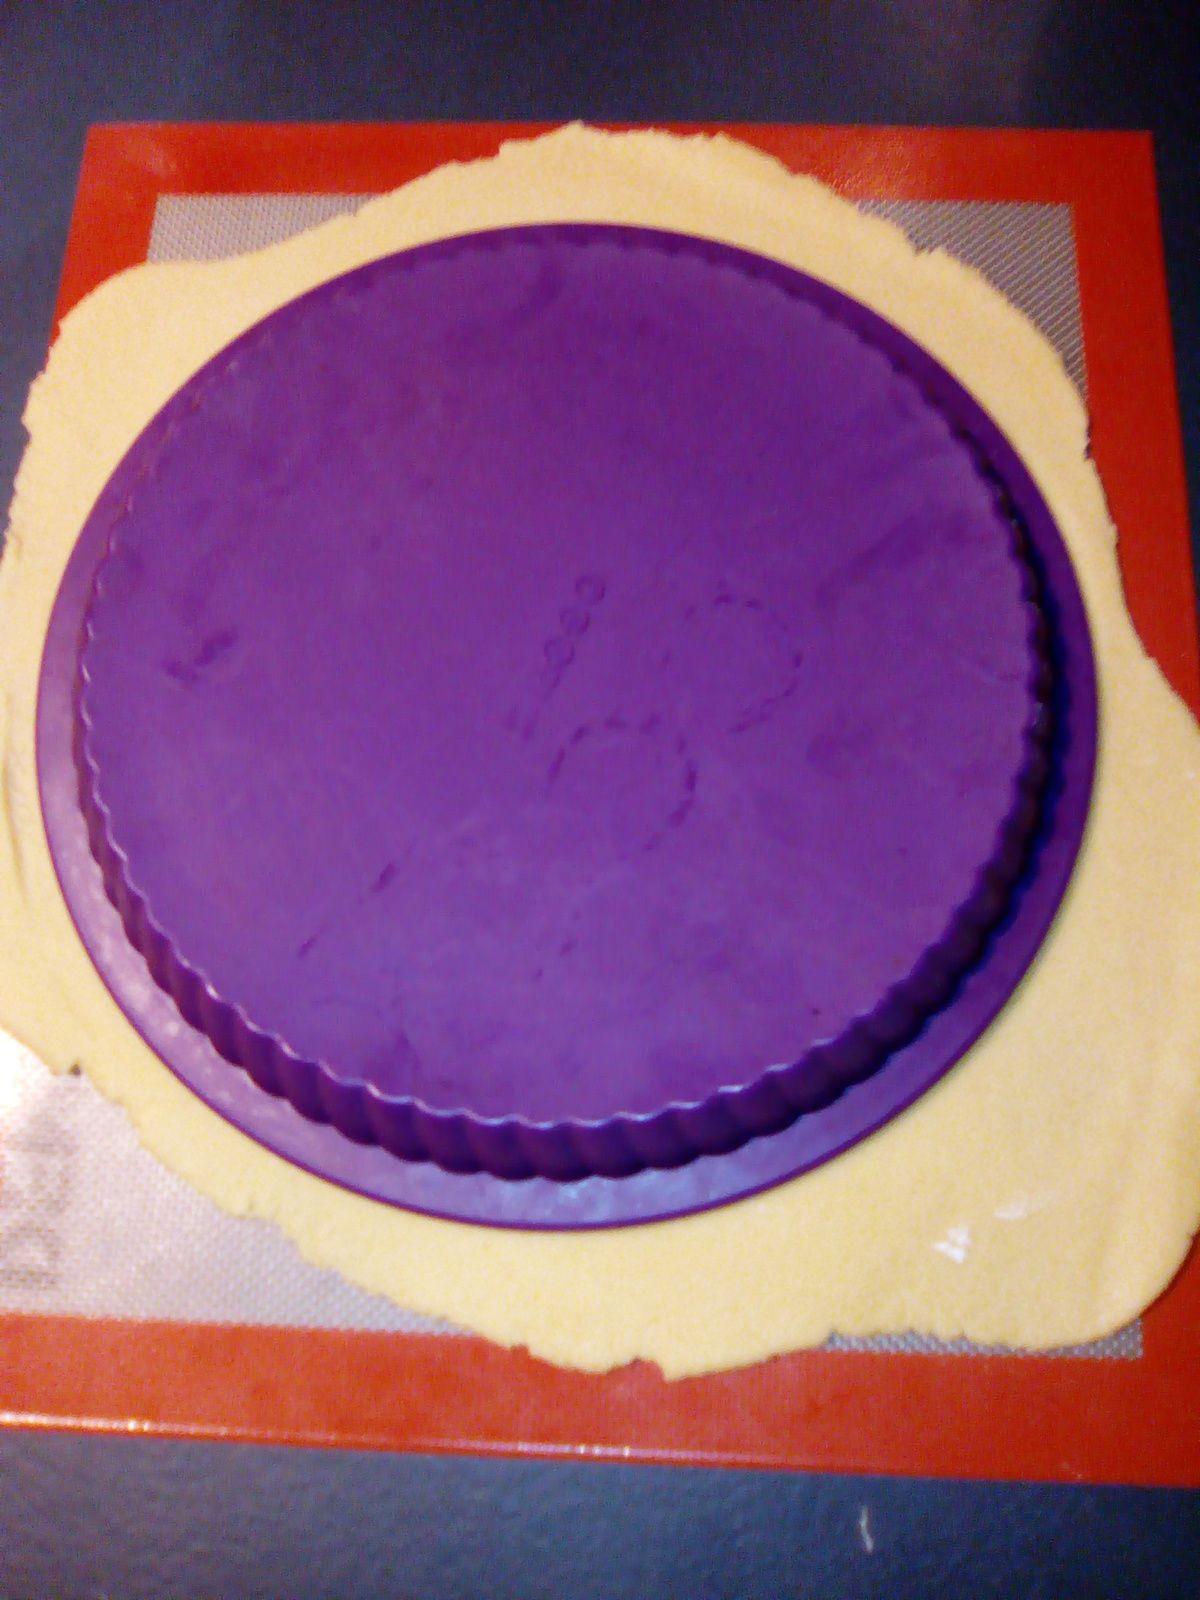 Recette de la tarte bourdaloue au companion